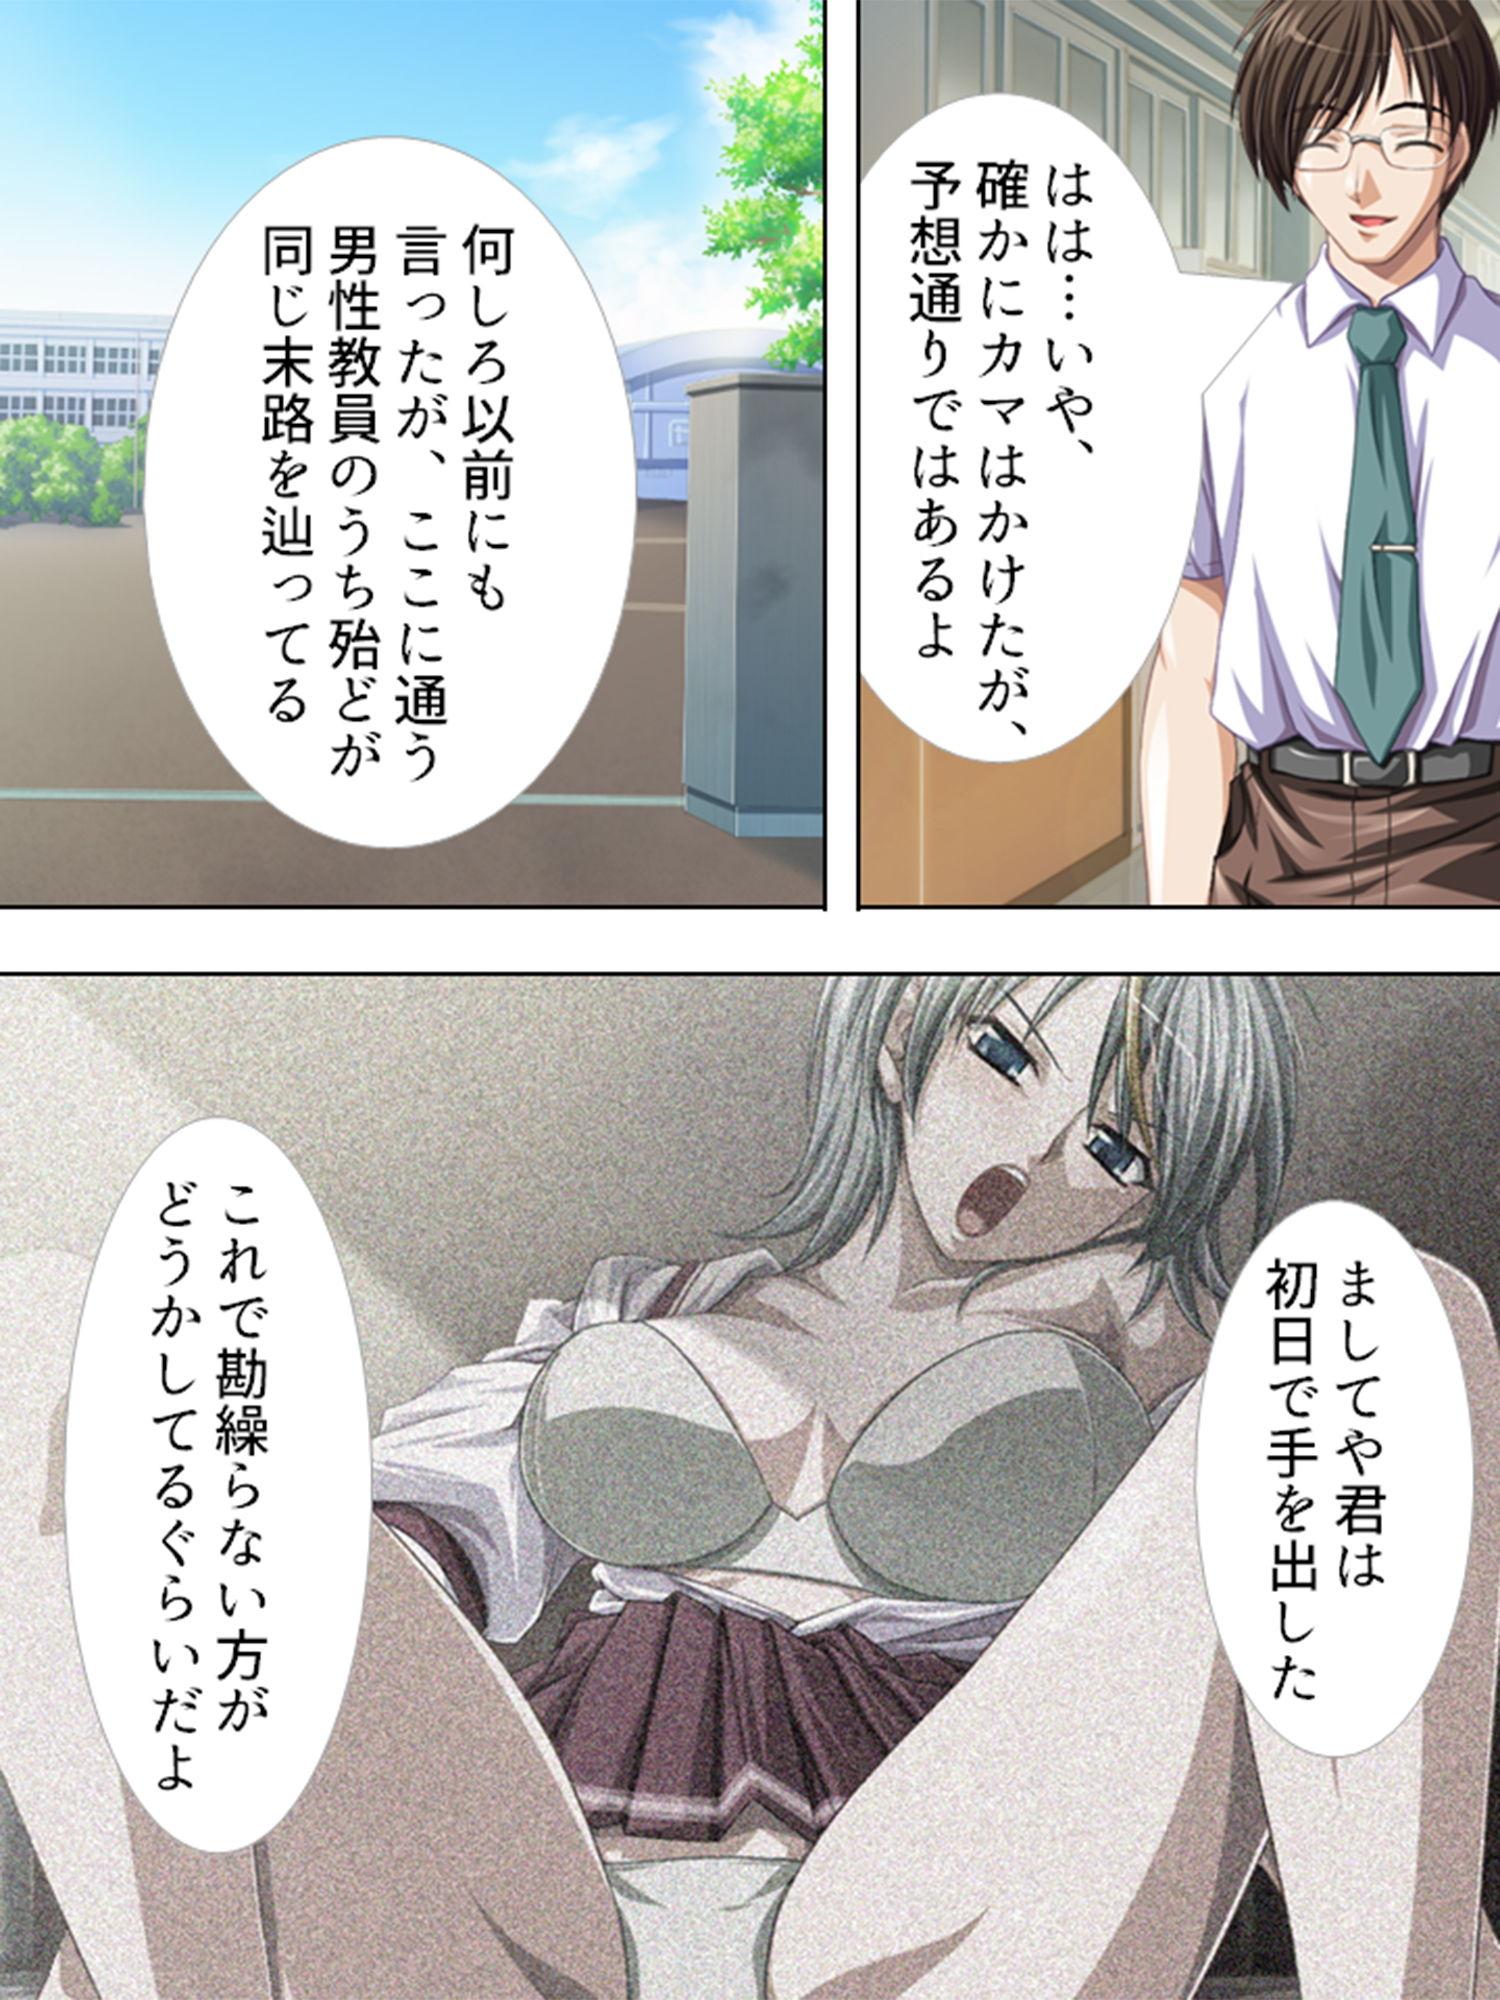 サンプル画像4:この学校の女生徒は、囚われただ穢される運命です 3巻(アロマコミック) [d_195598]